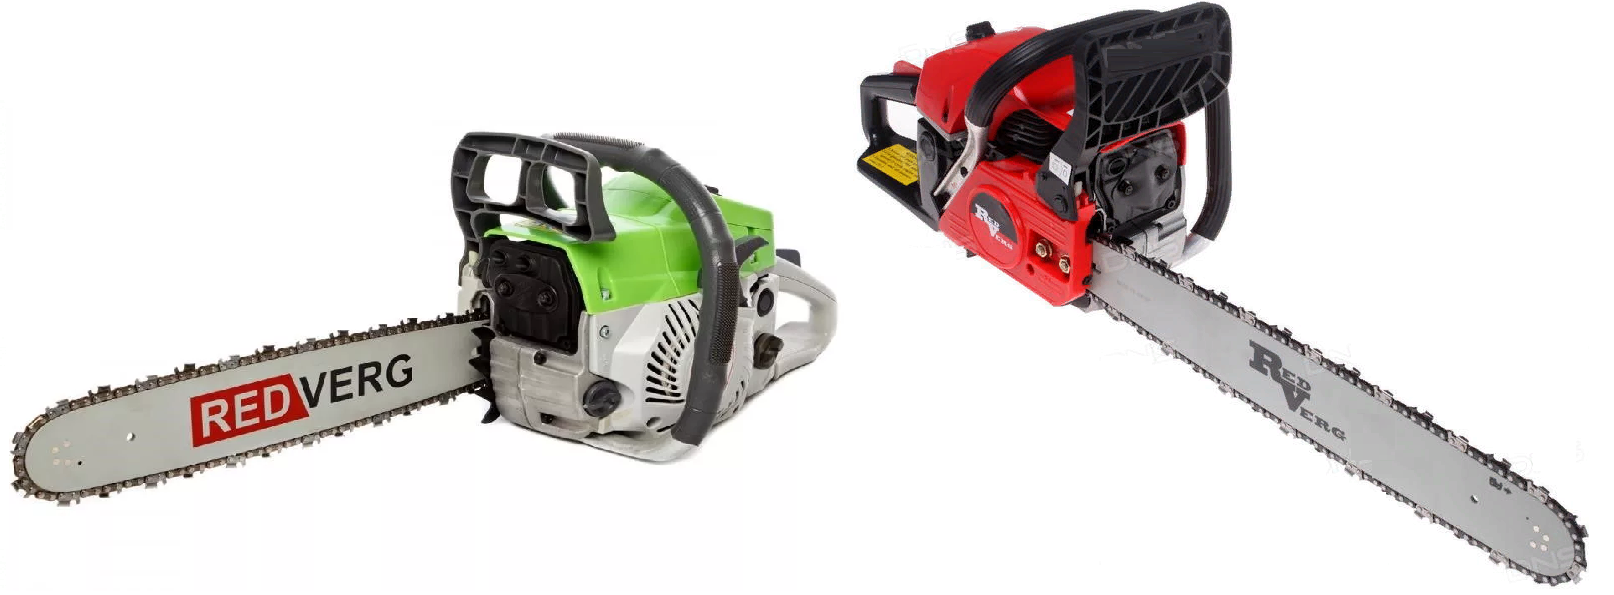 Бензопилы RedVerg RD-GC50 16 и RD-GC50 18 мощные и универсальные.